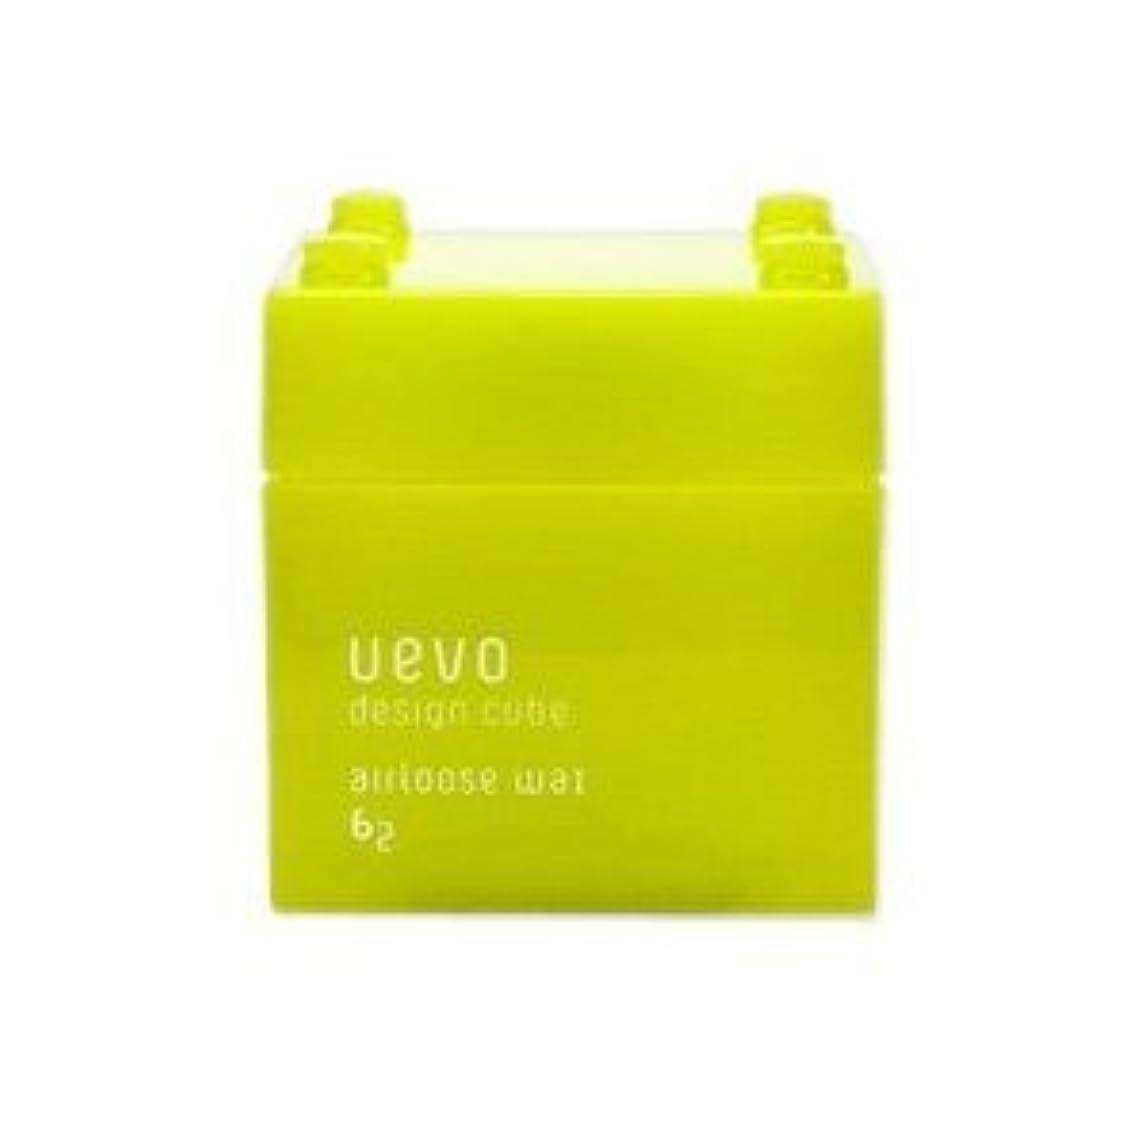 フロント貫通スピン【X3個セット】 デミ ウェーボ デザインキューブ エアルーズワックス 80g airloose wax DEMI uevo design cube